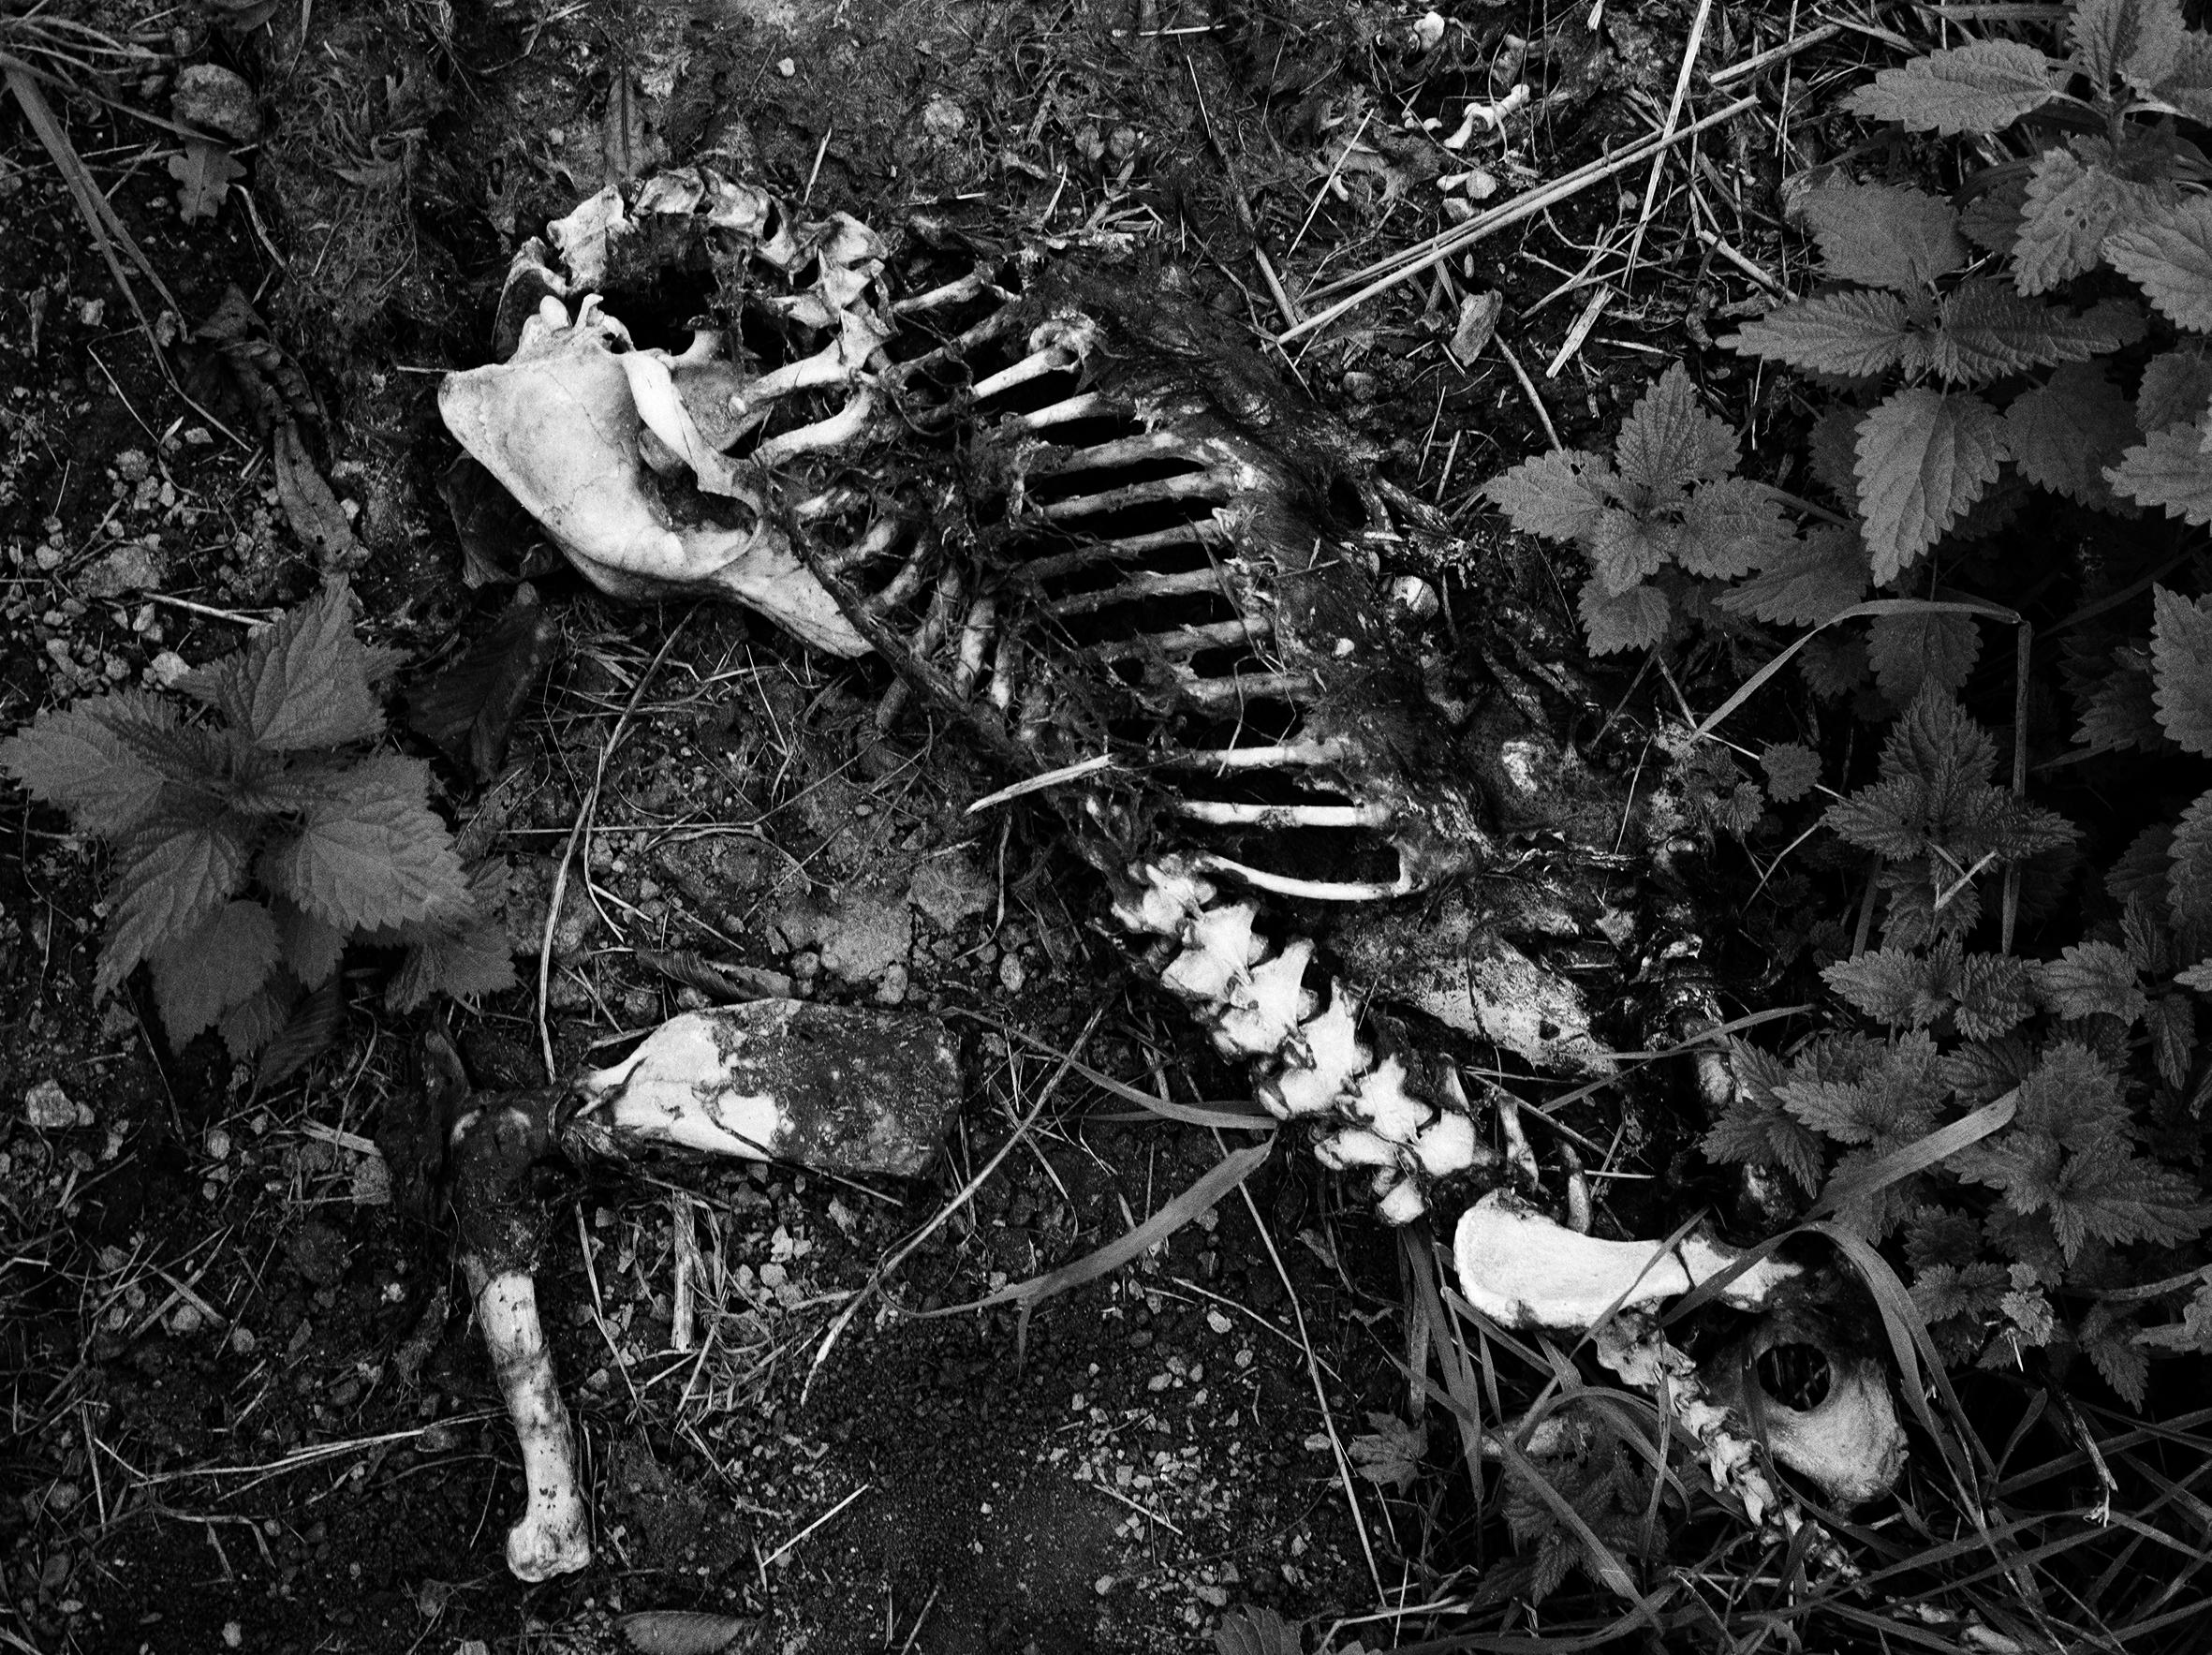 Deer_Skeleton.jpg